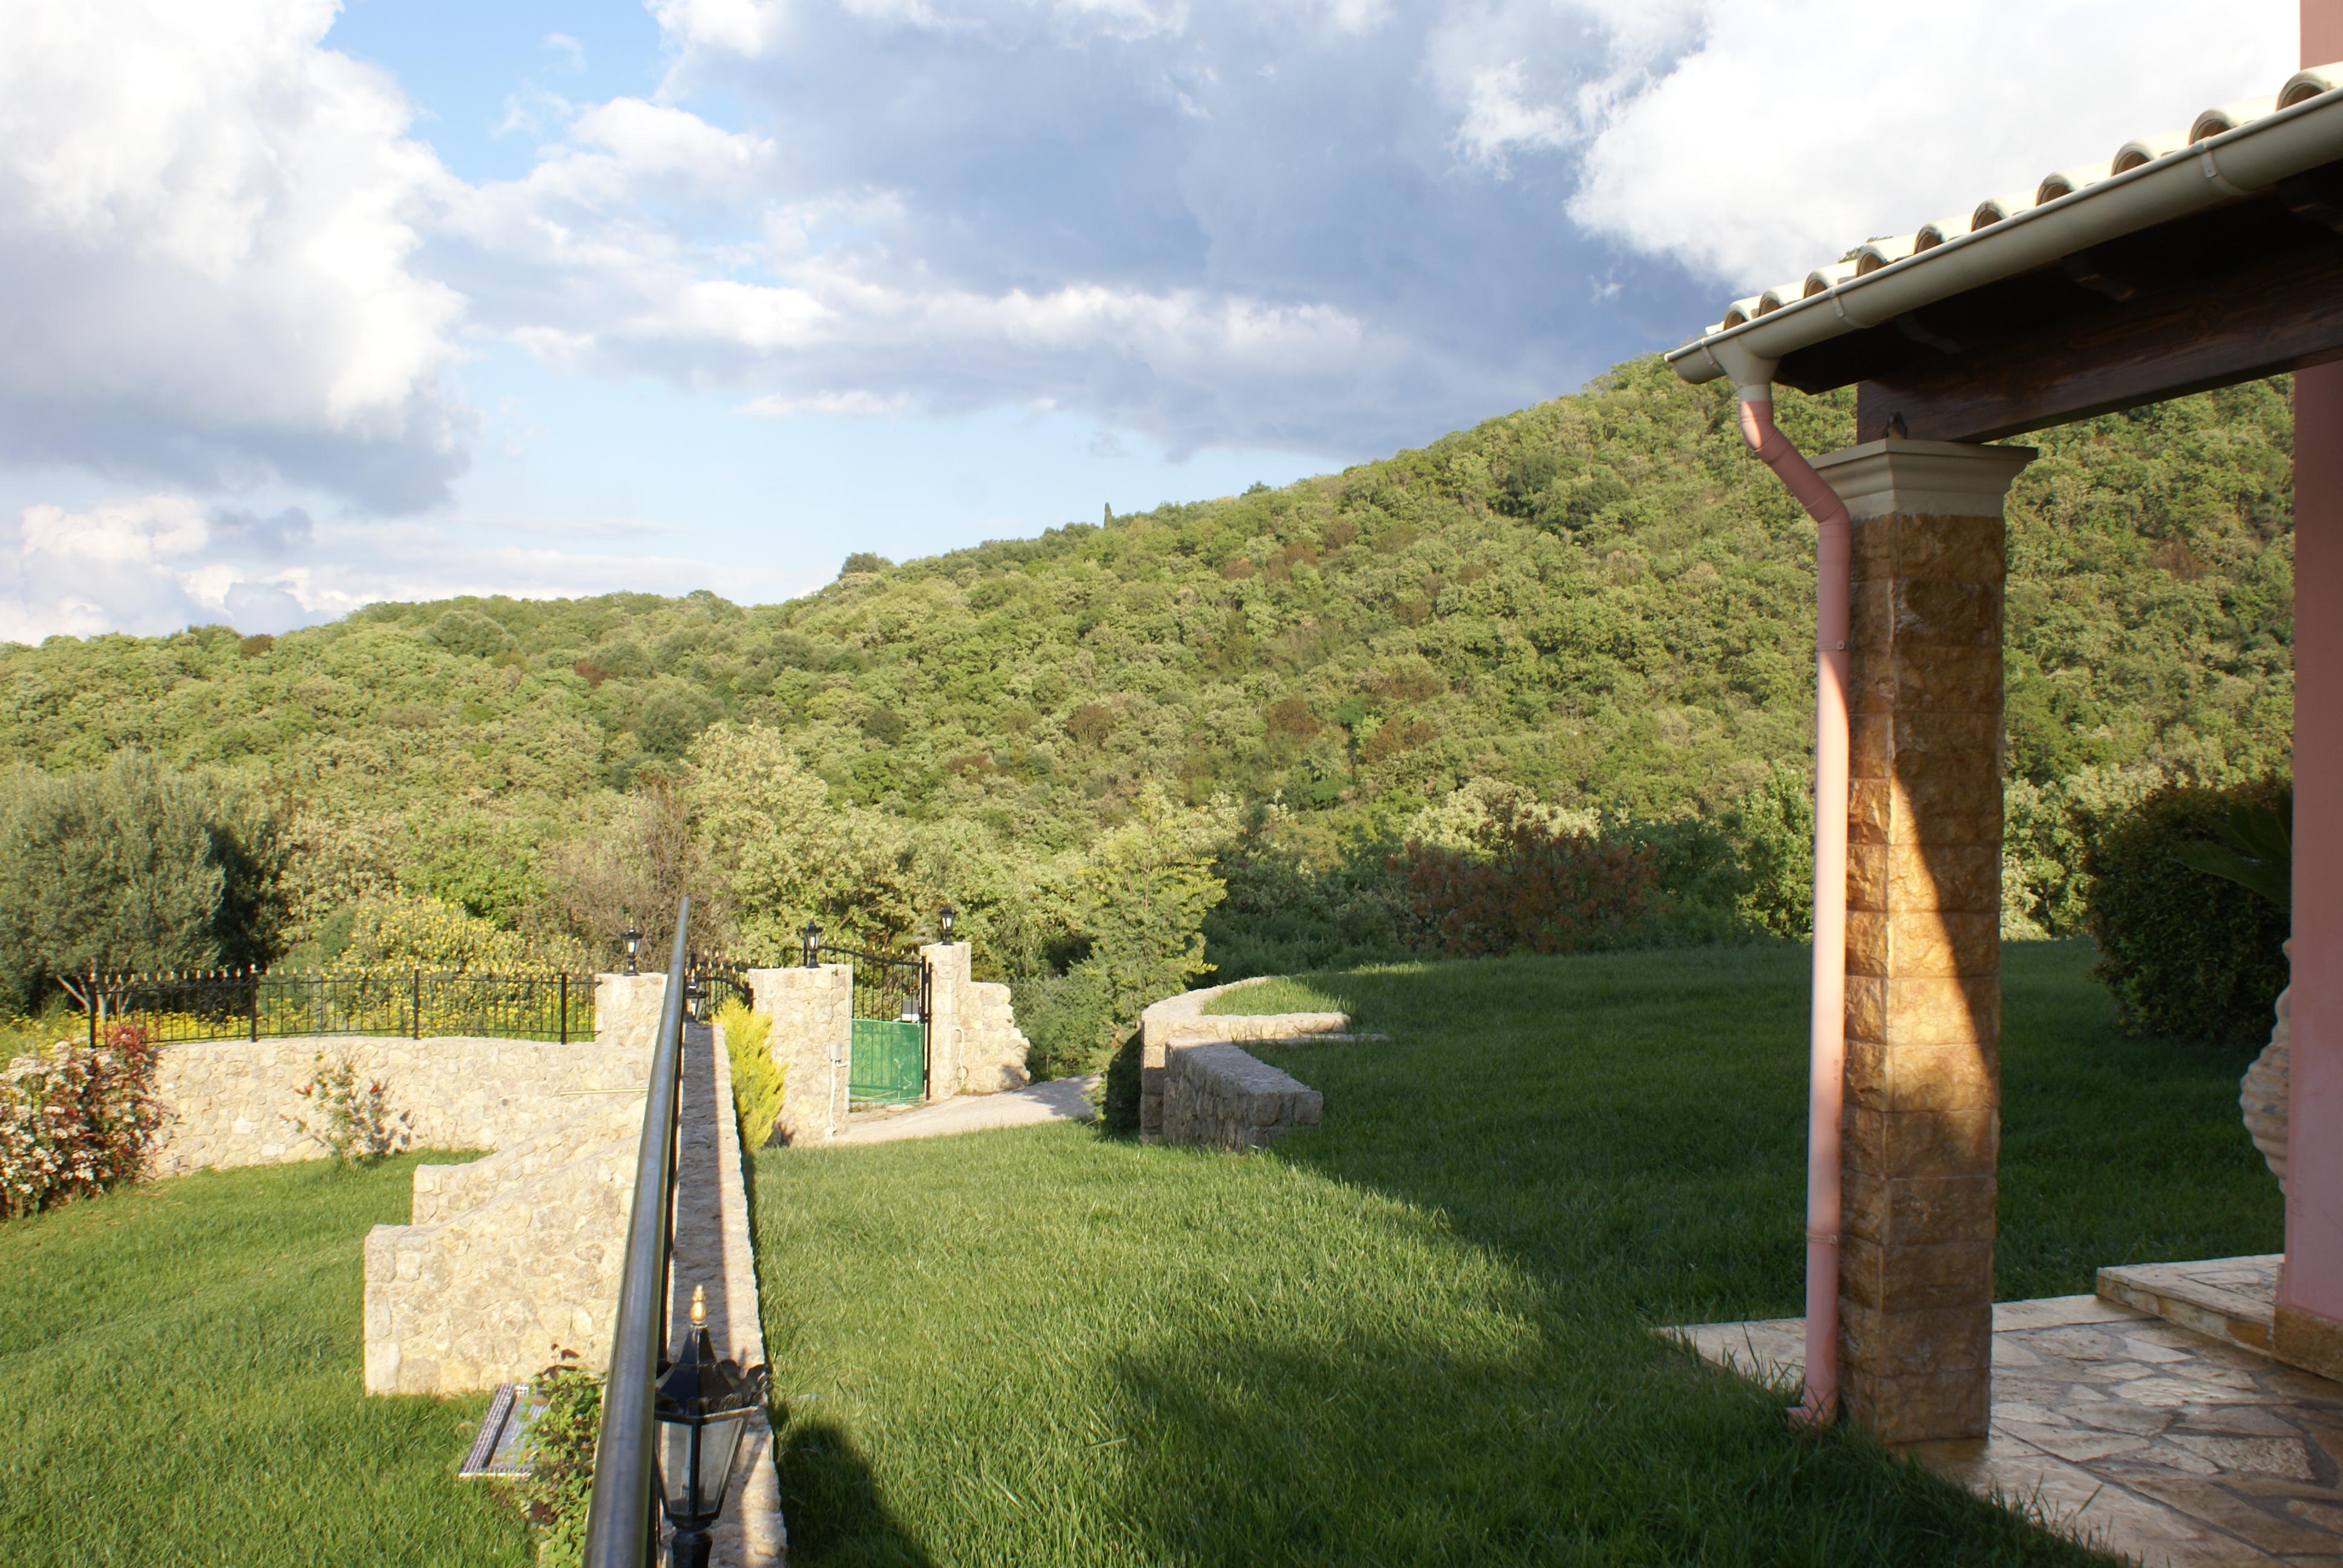 Garten nach Norden - Korfu Villa Mare e Monti, Almiros, KorfuCorfu.de